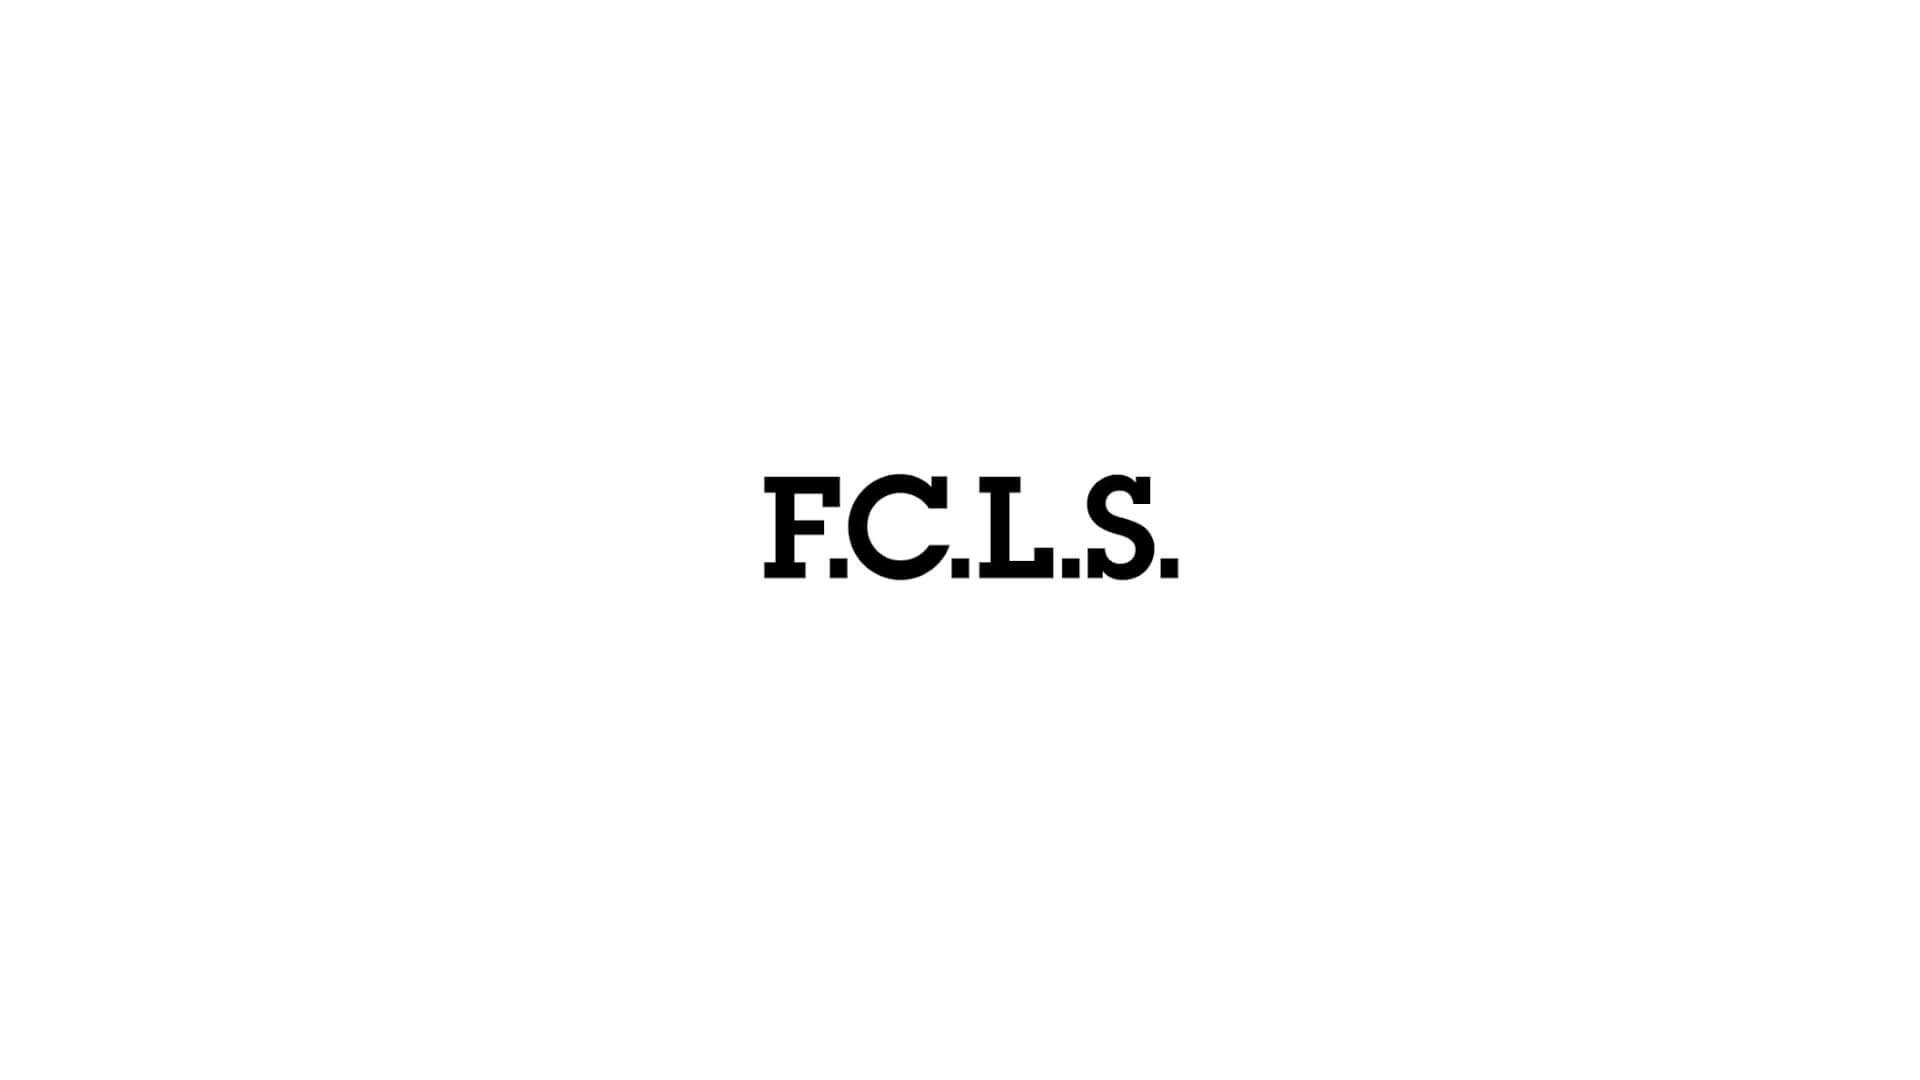 Suchmos主宰のレーベル〈F.C.L.S.〉公式YouTubeチャンネルで新動画が公開!新たな音源の一部も music210518_fcls_1